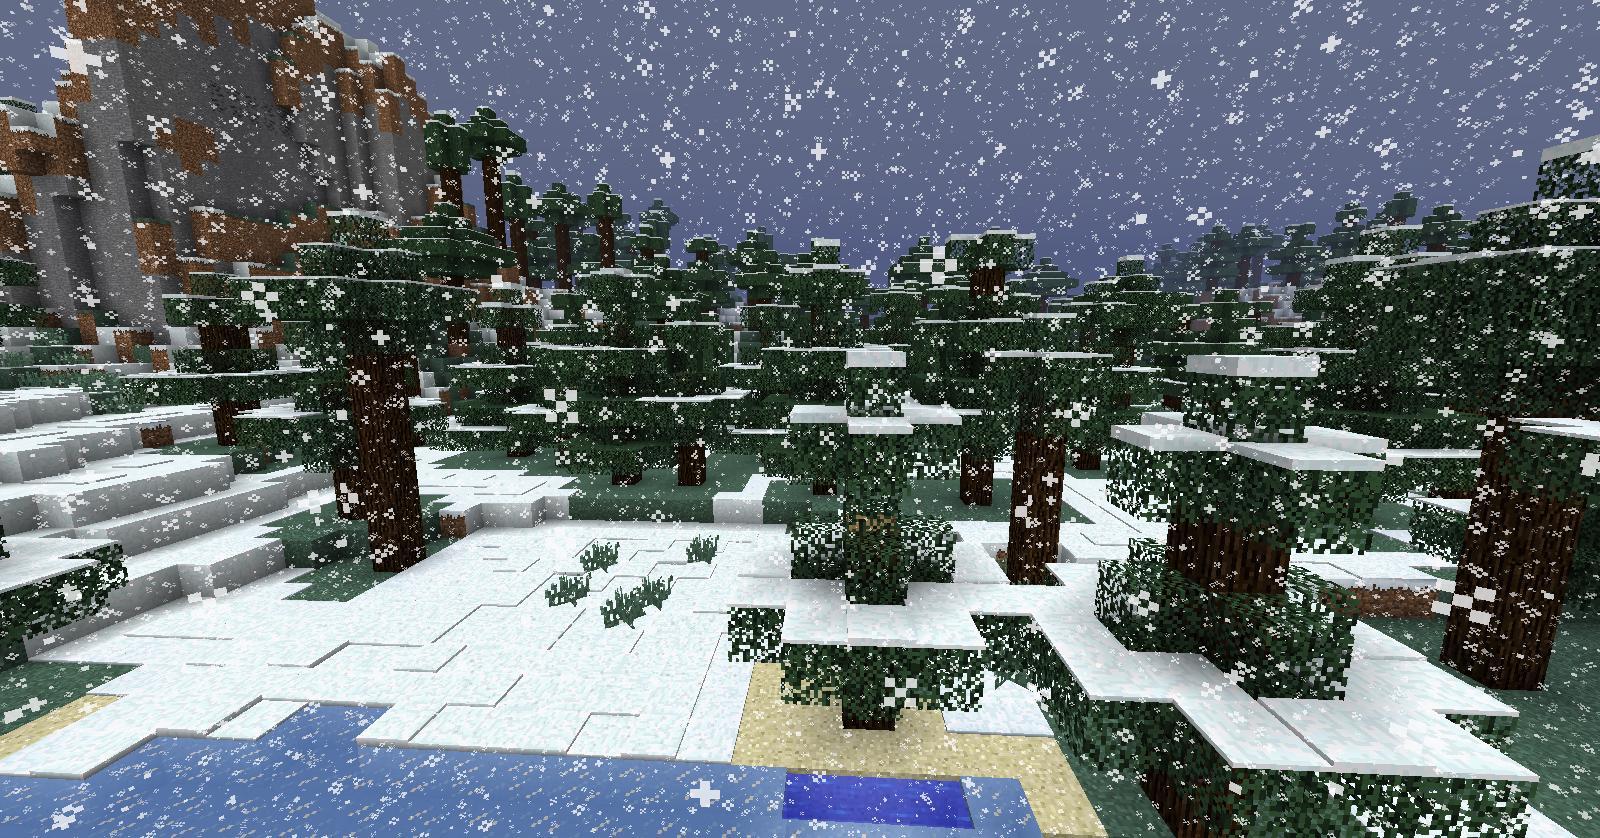 https://img2.9minecraft.net/Mod/Better-Snow-Mod-1.jpg